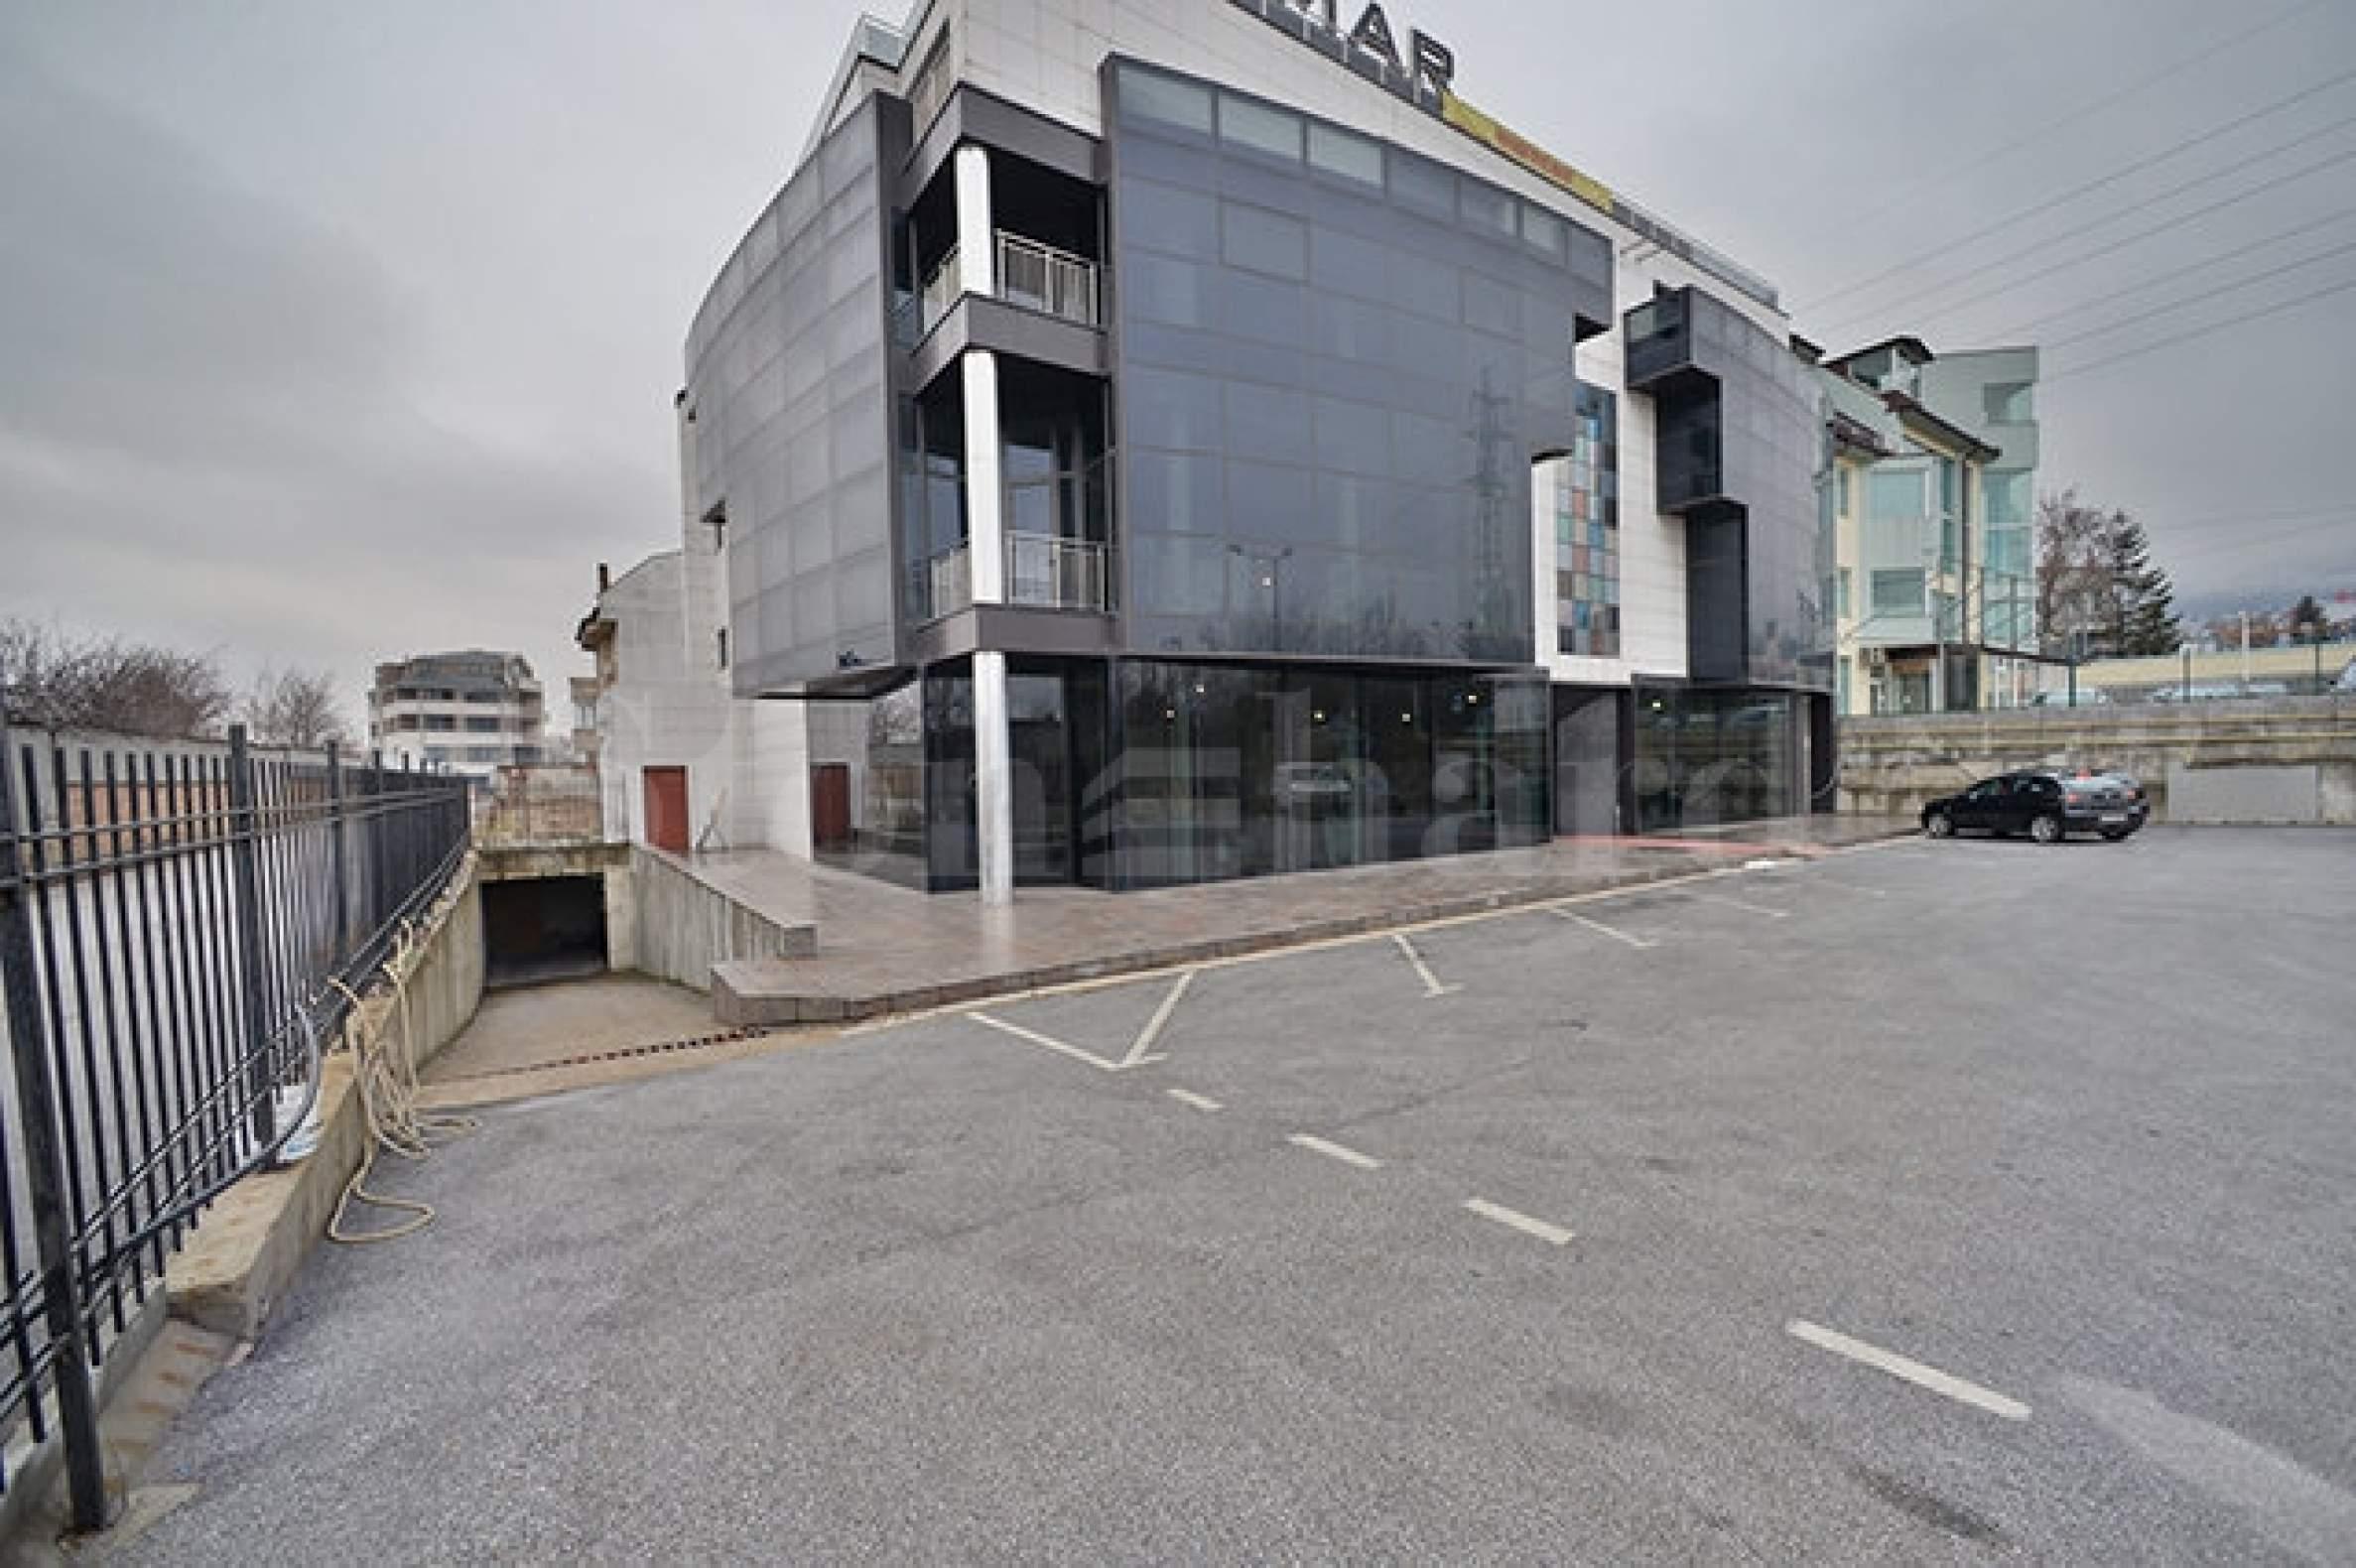 Висок клас търговско - административна сграда, разположена на бул. Черни връх до бъдеща метростанция 1 - Stonehard